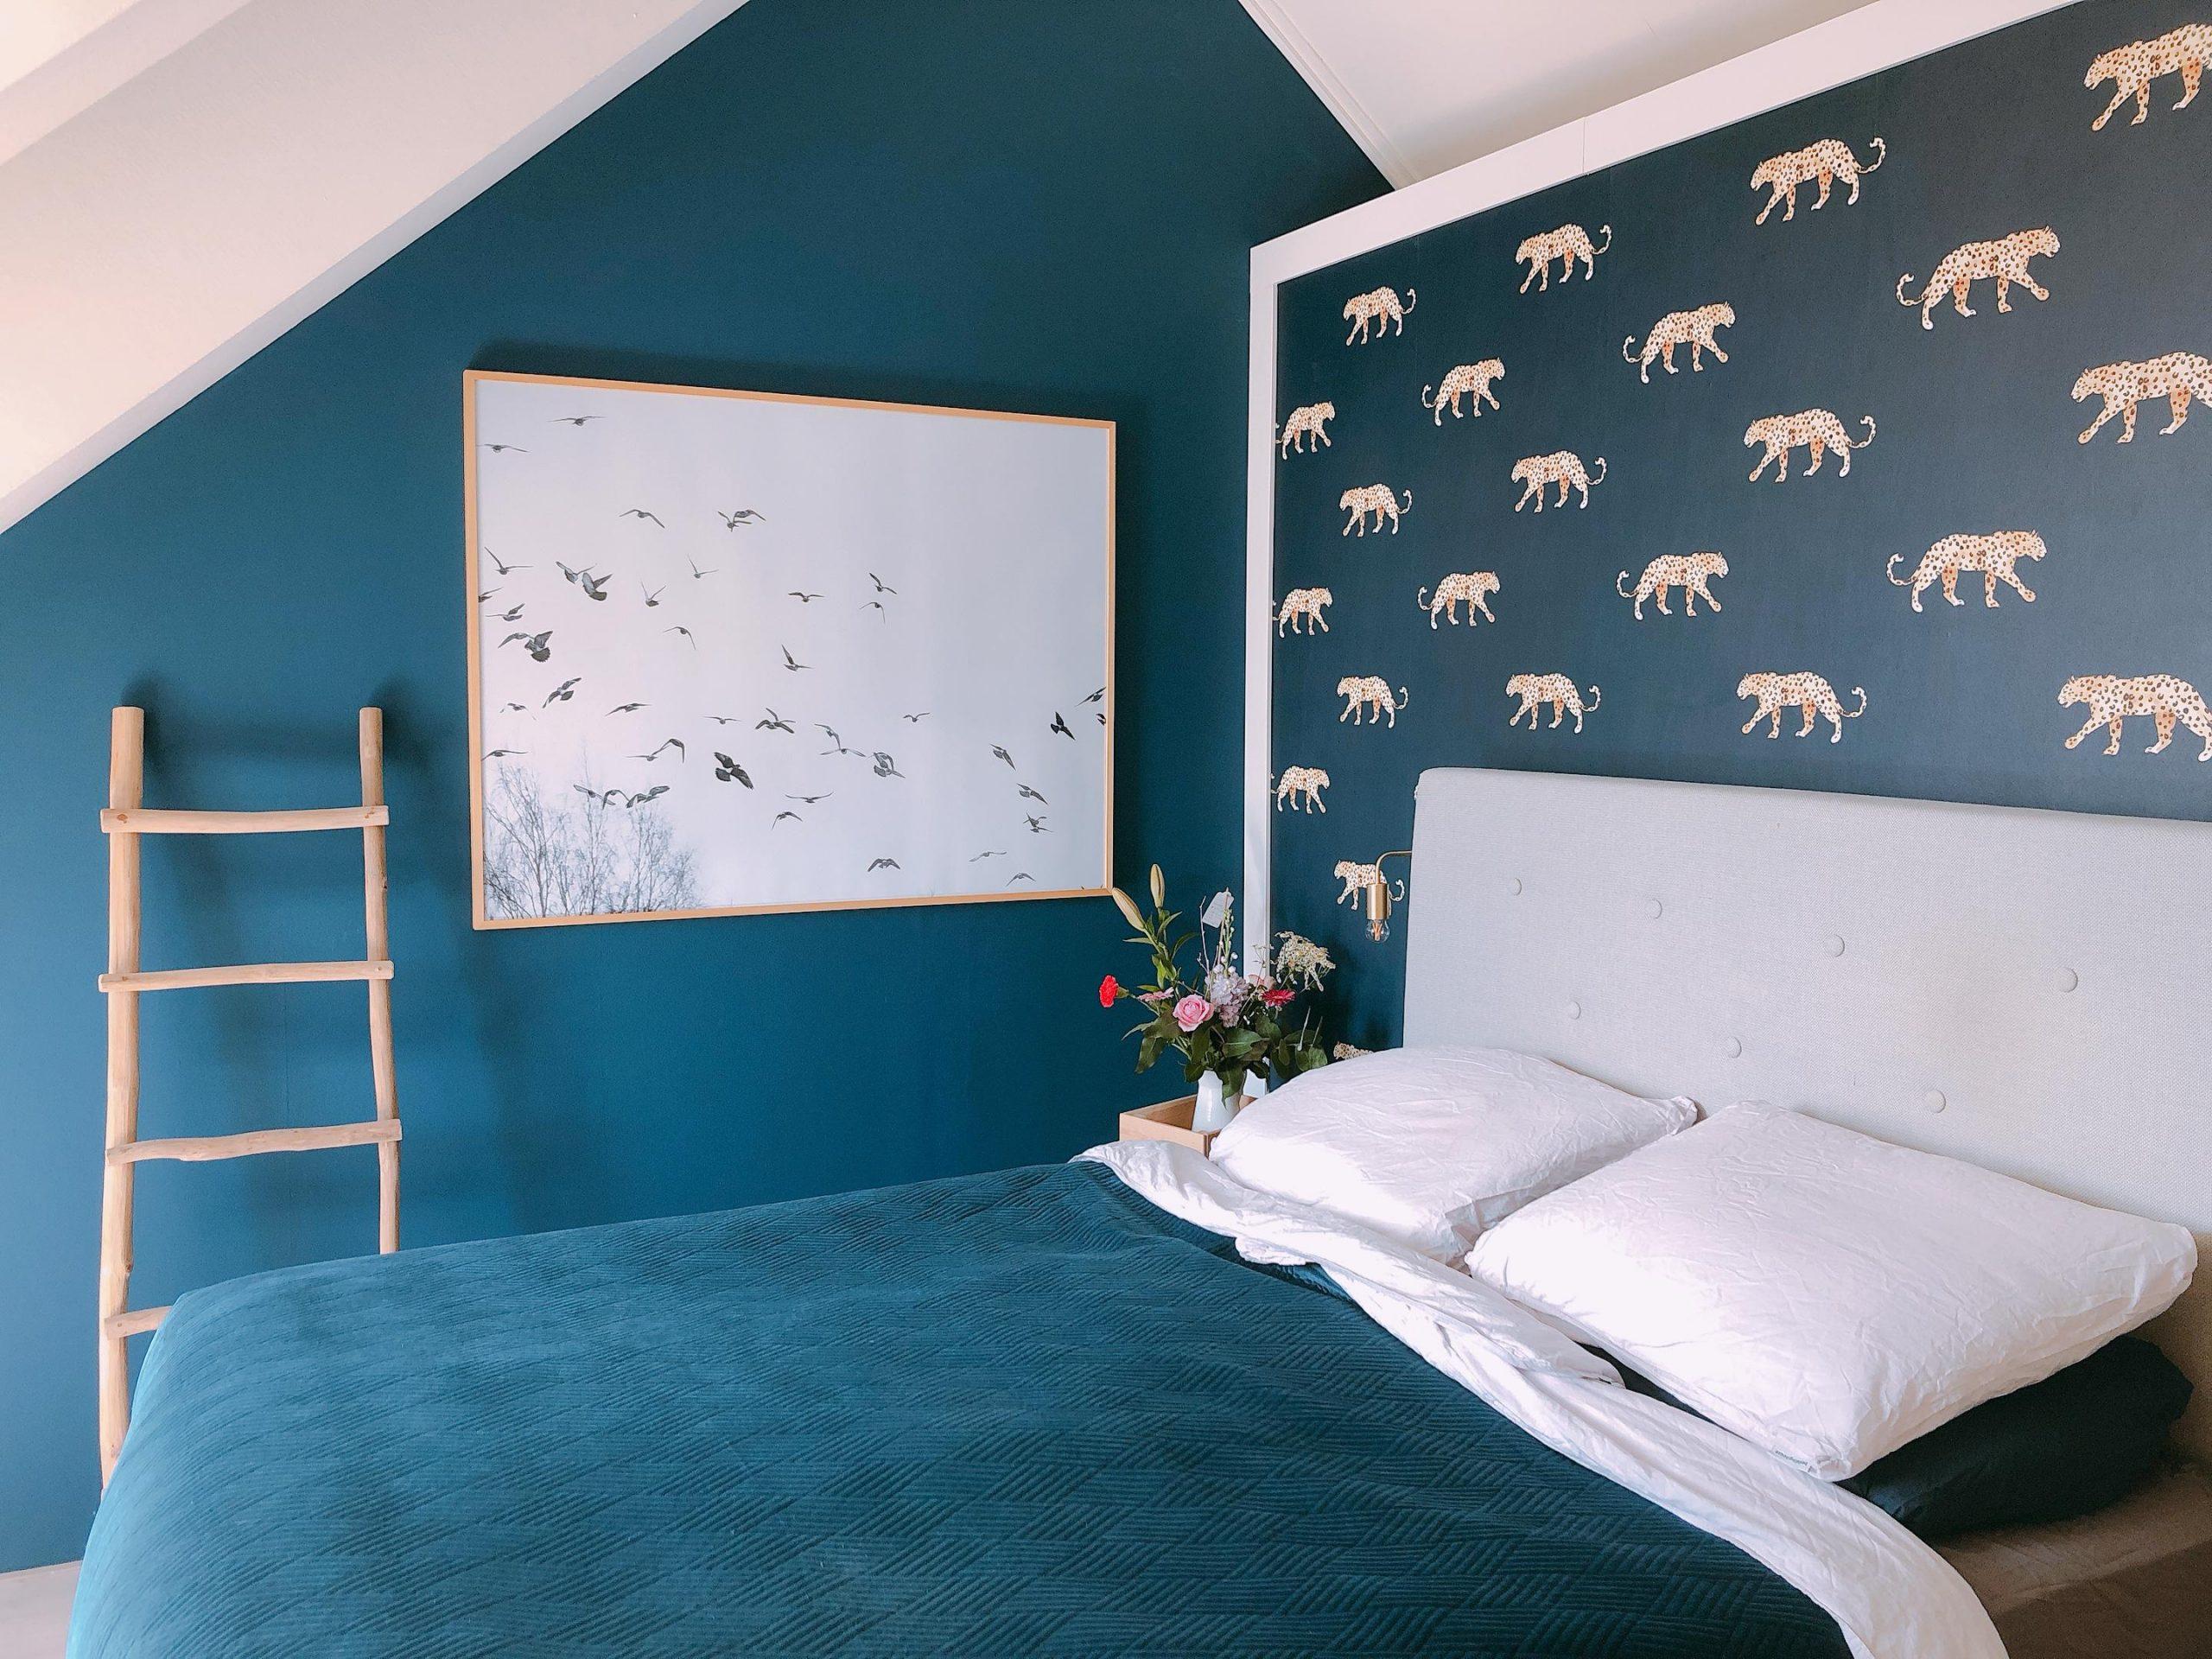 IMG 6833 2880x2160 1 scaled - De nieuwe accessoires op de kinderkamers én onze slaapkamer!